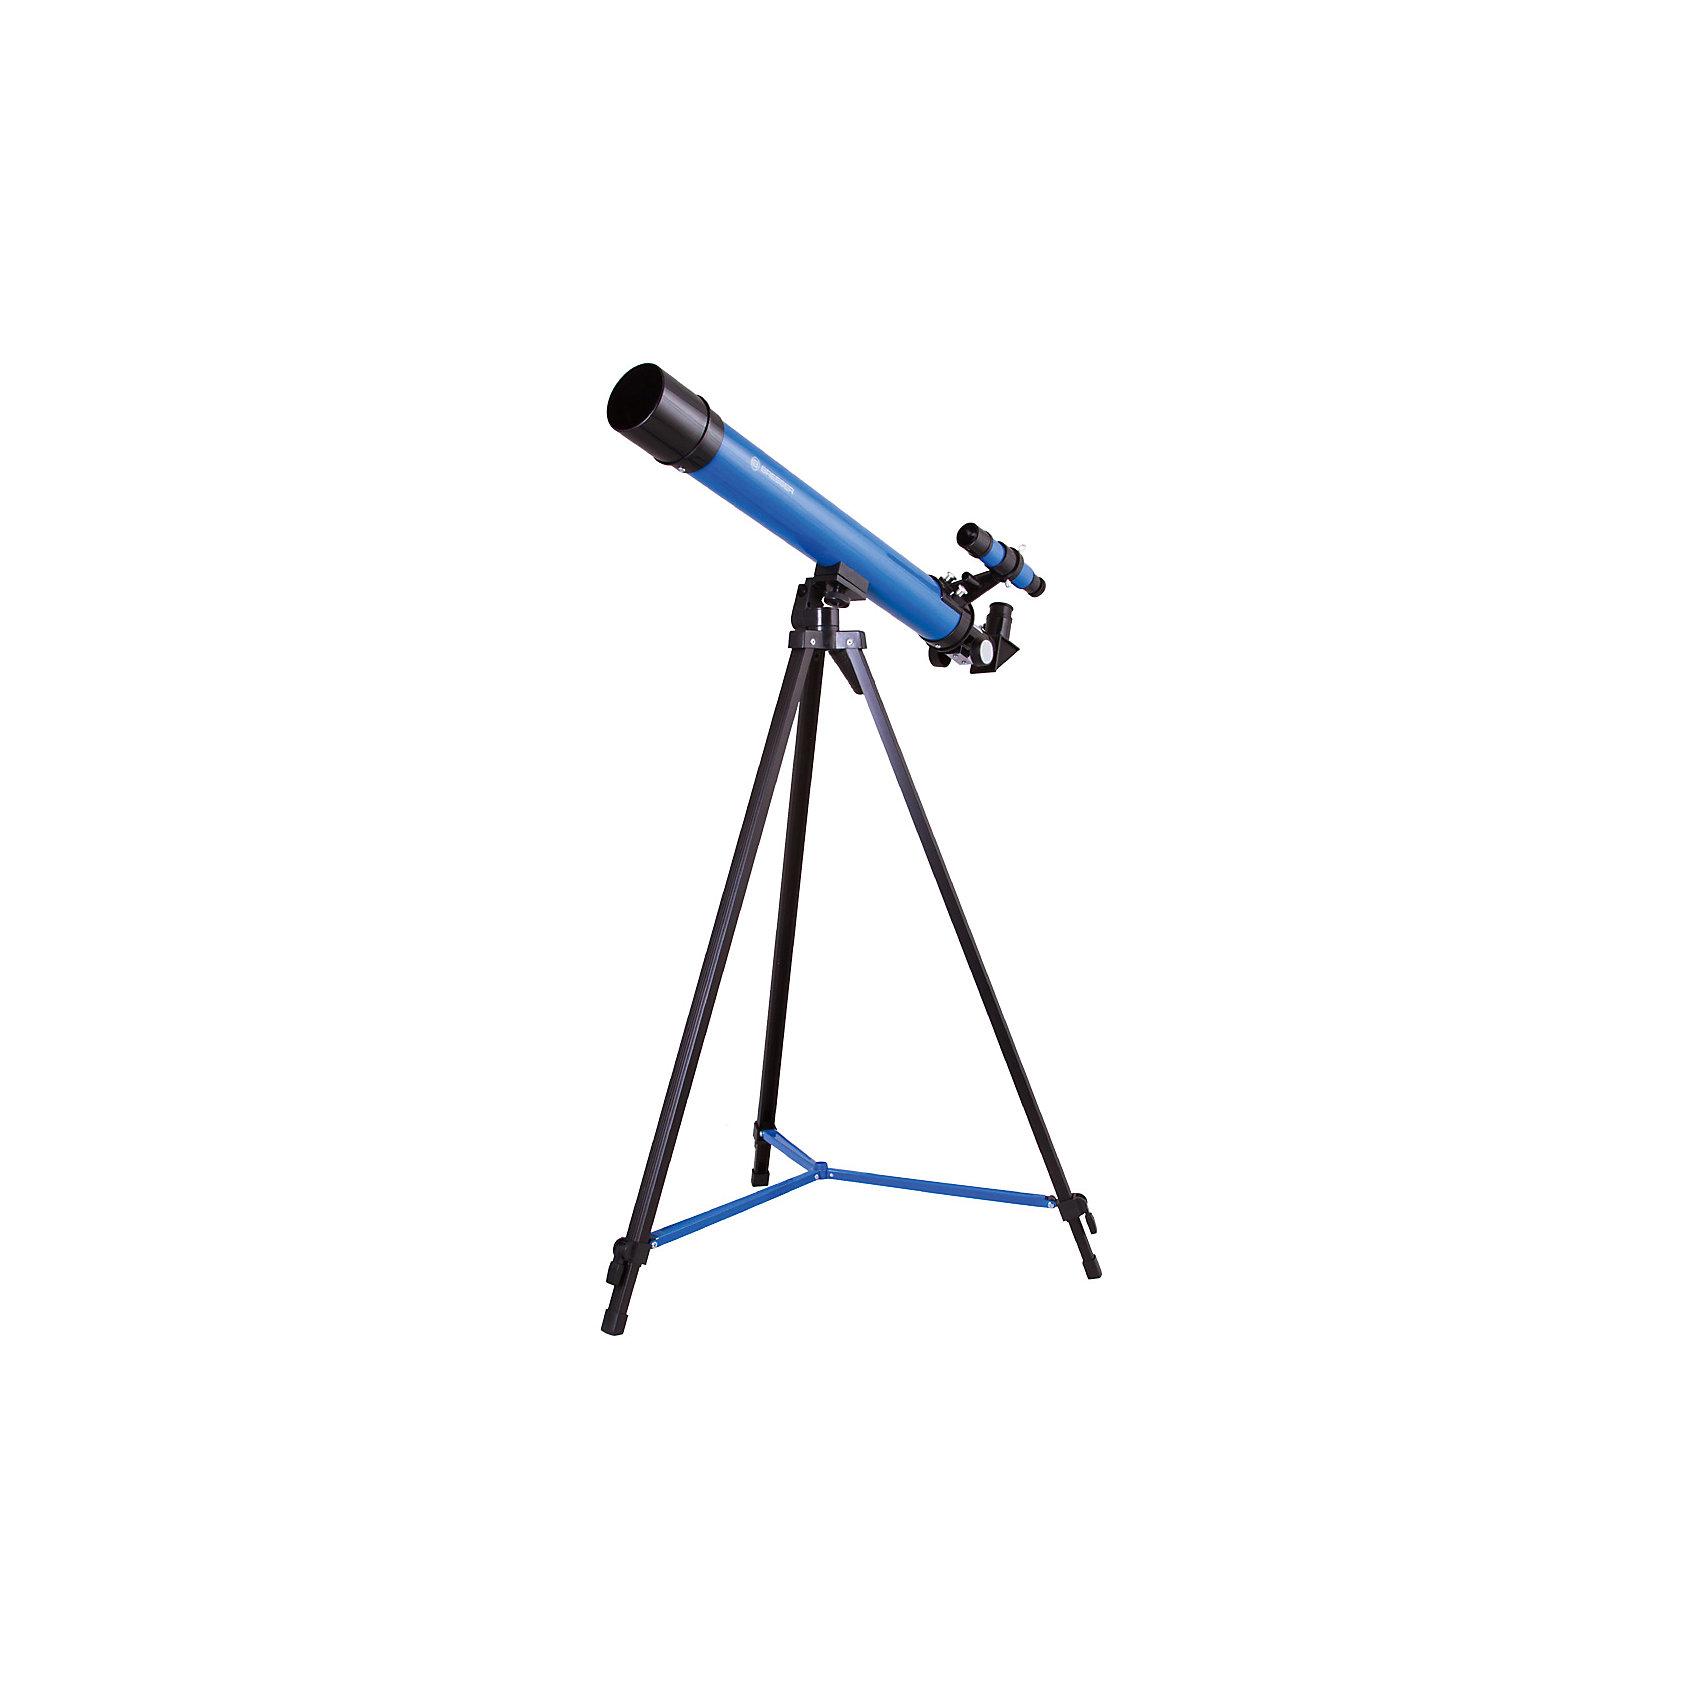 Телескоп Bresser Junior Space Explorer 45/600, синийТелескоп Bresser Junior Space Explorer 45/600 – настоящая находка для юного исследователя. Это небольшой, легкий и простой в управлении оптический прибор, который для начинающего астронома станет отличным первым телескопом. В Bresser Junior Space Explorer 45/600 можно изучать наземные объекты, исследовать лунные ландшафты, рассматривать крупные и яркие объекты Солнечной системы. В комплект уже включены все необходимые аксессуары.<br><br>Ширина мм: 770<br>Глубина мм: 230<br>Высота мм: 125<br>Вес г: 2210<br>Возраст от месяцев: 60<br>Возраст до месяцев: 2147483647<br>Пол: Унисекс<br>Возраст: Детский<br>SKU: 5435326